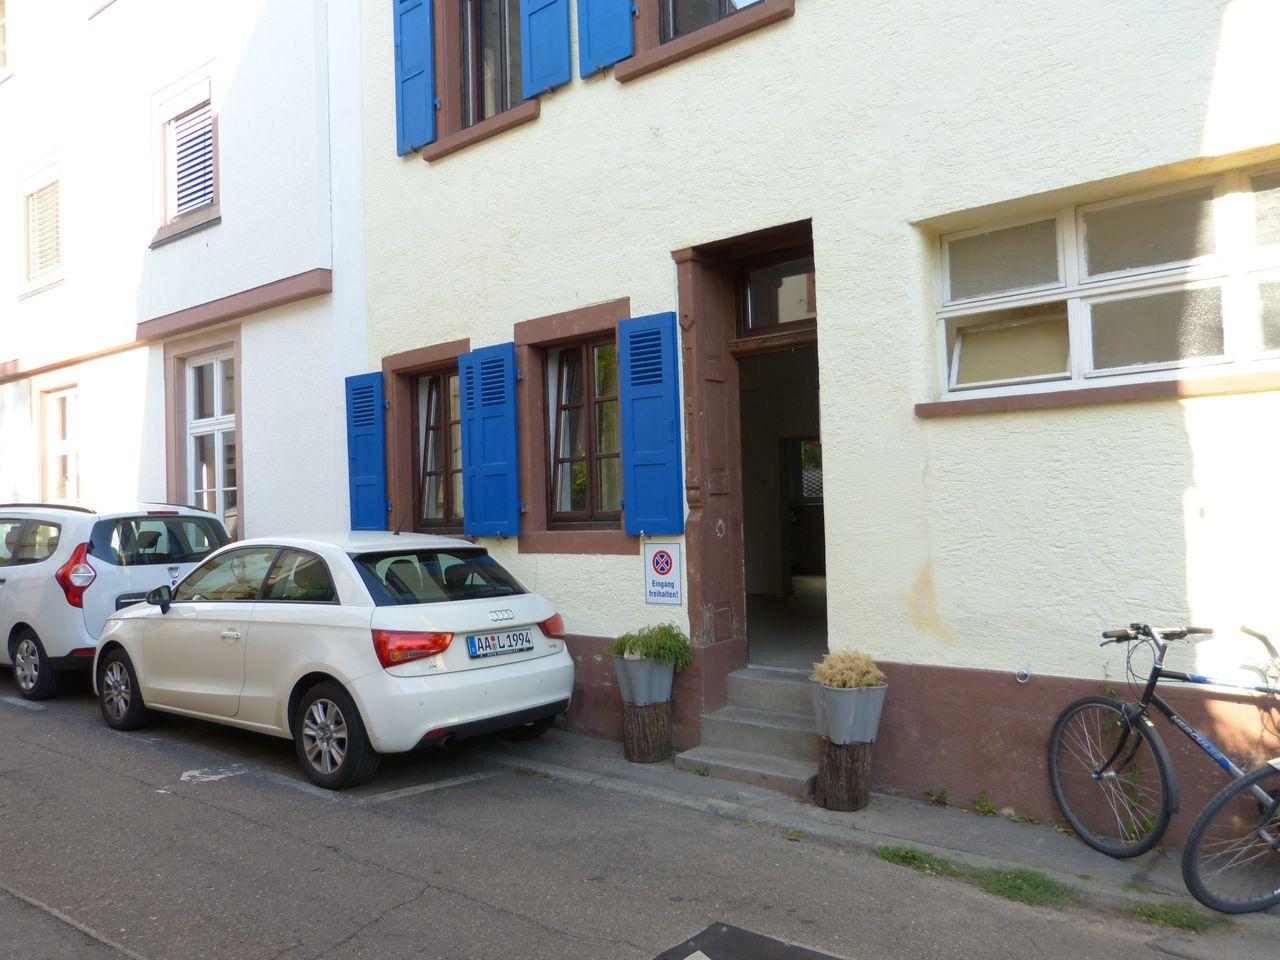 Handschuhsheimer Landstraße